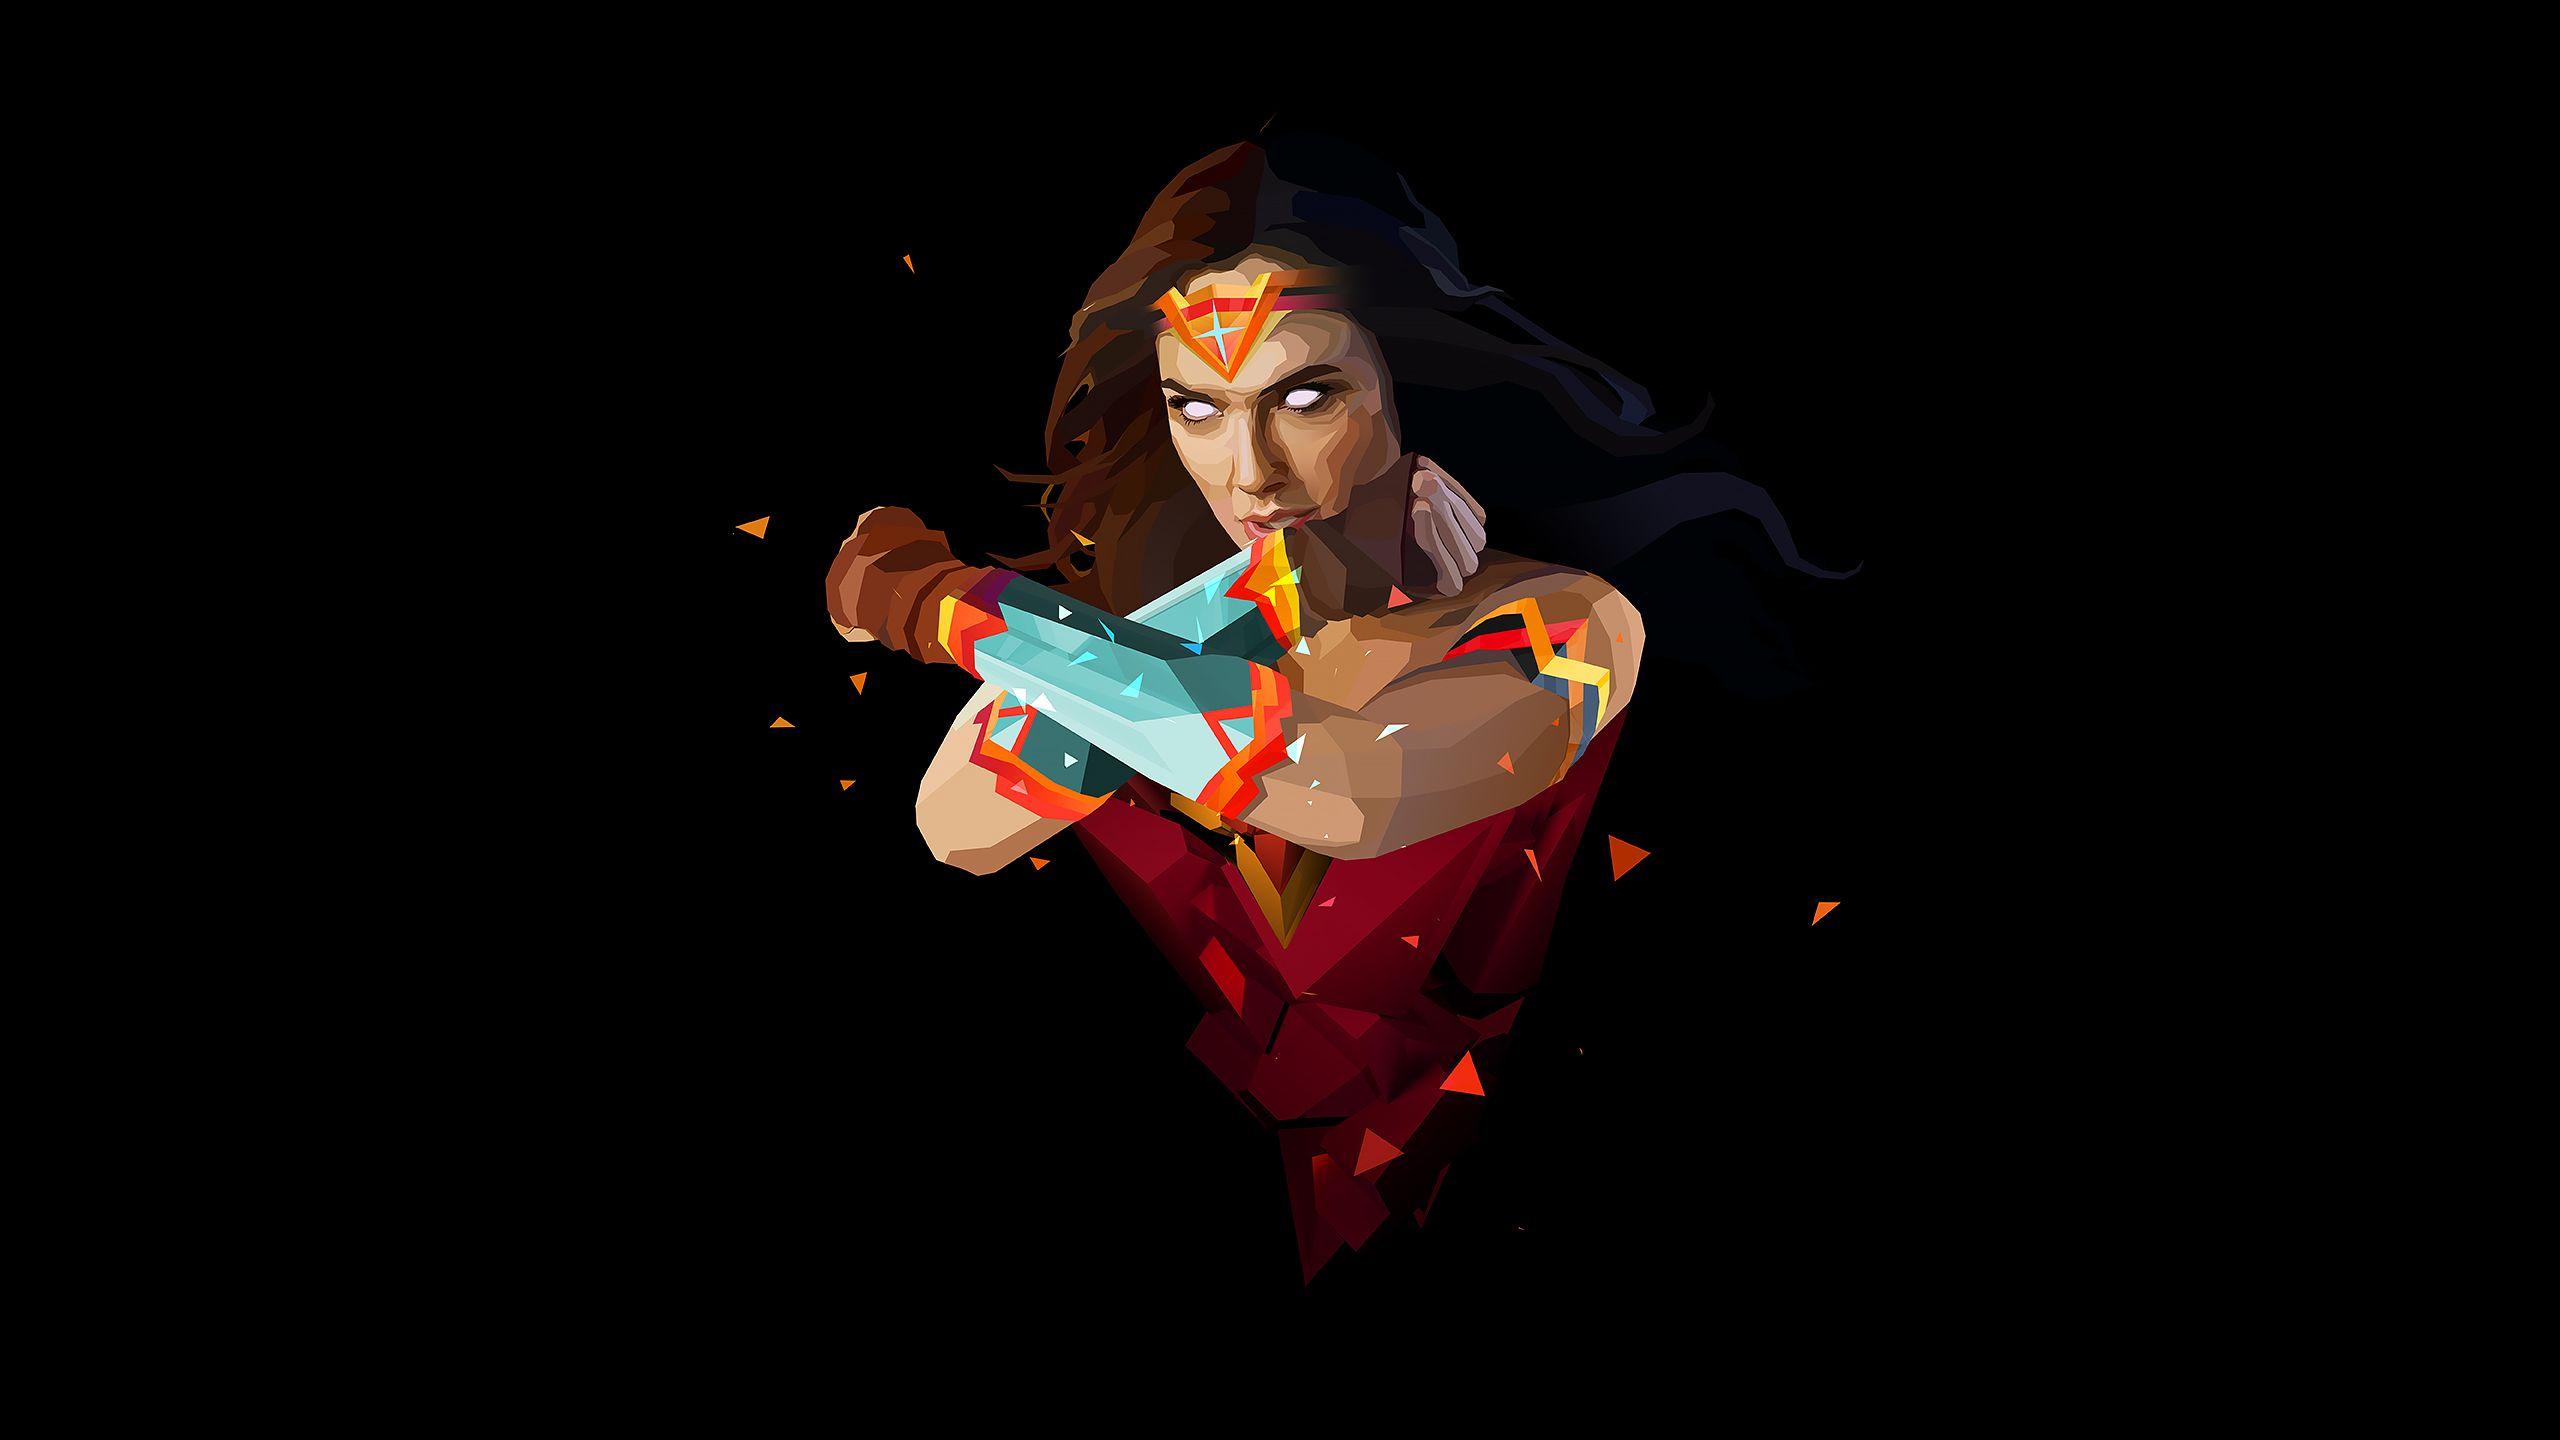 Minimal Woman Wonder Justin Maller Wallpapers Wonder Woman Artwork Wonder Woman